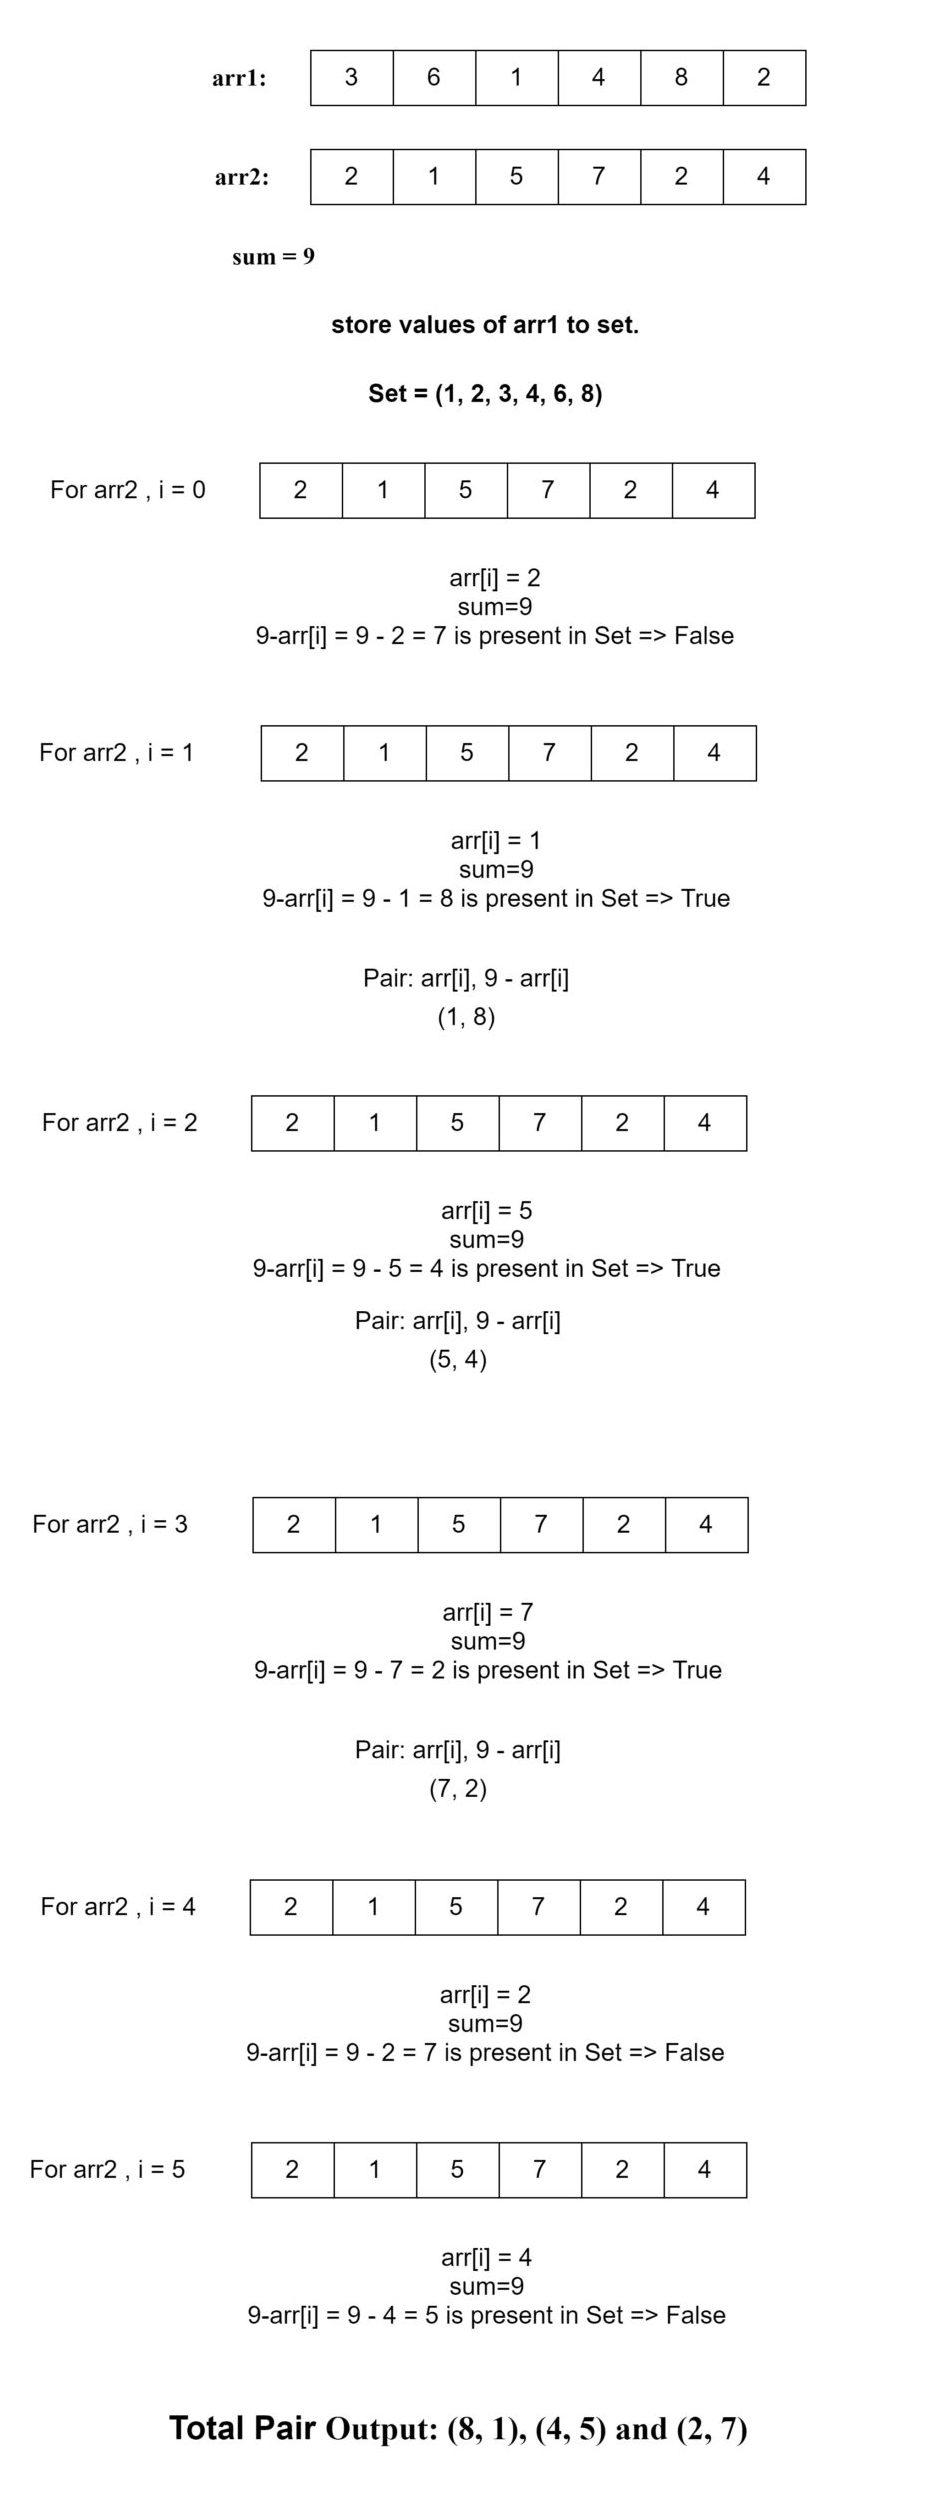 دو غیر ترتیب شدہ صفوں کو دیئے گئے ، وہ تمام جوڑے تلاش کریں جن کا مجموعہ x ہو